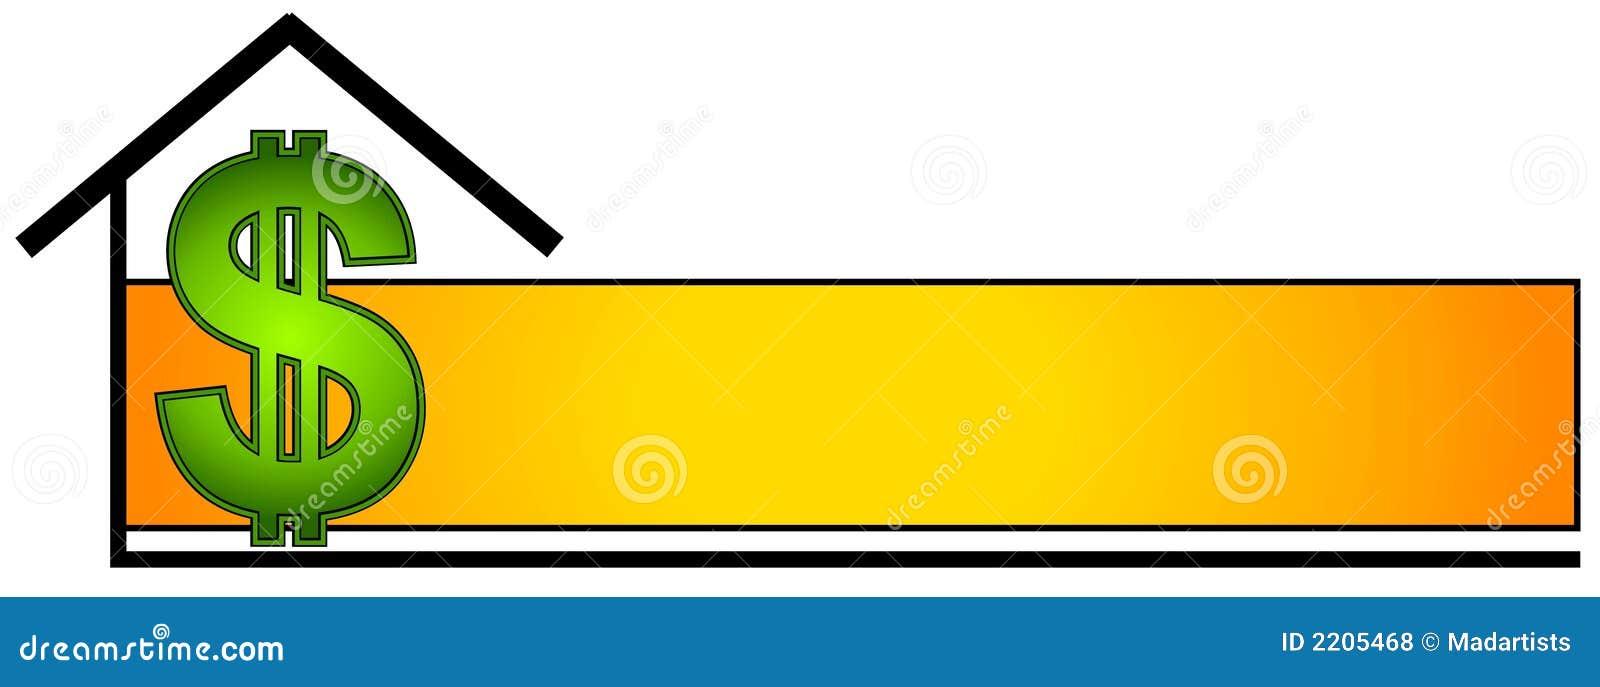 Insignia del Web page de las propiedades inmobiliarias